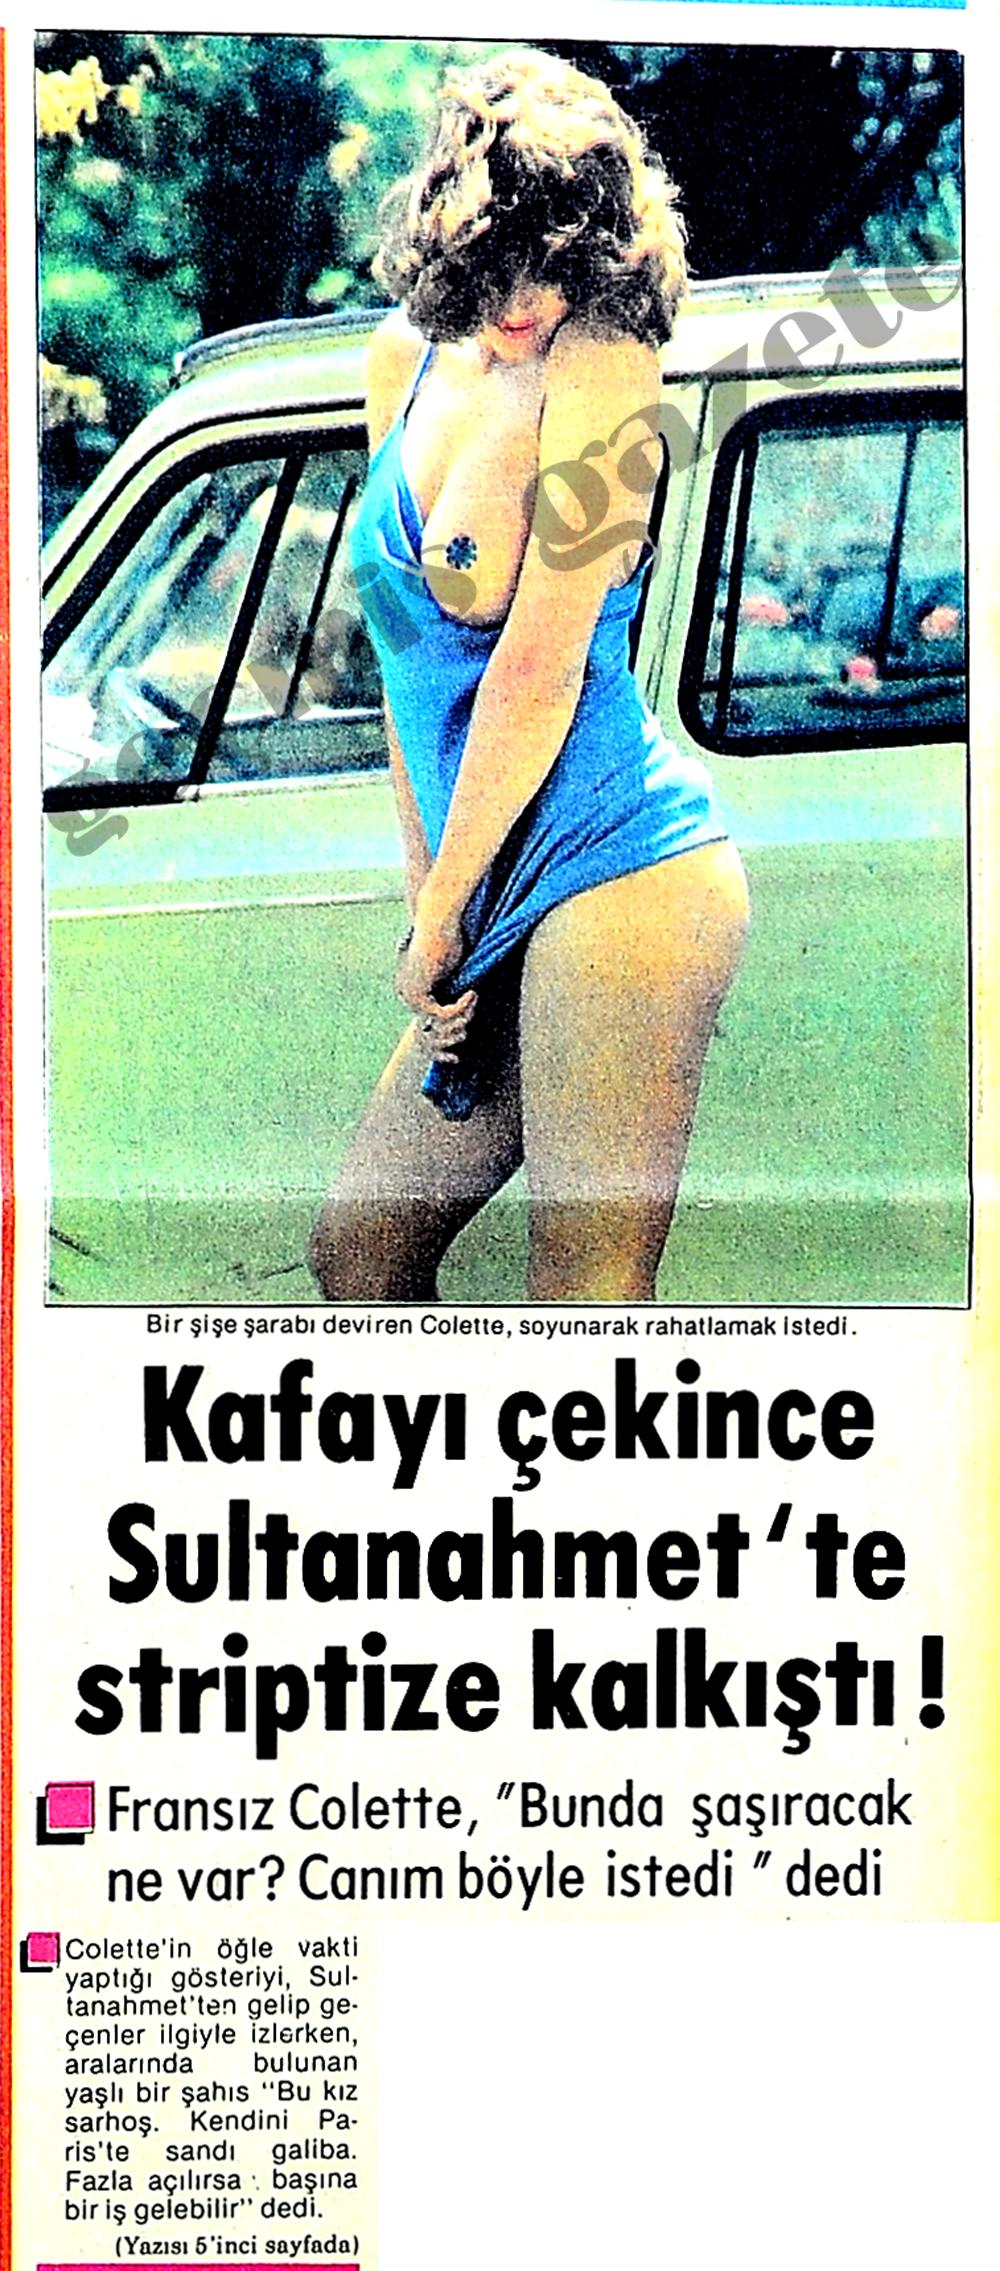 Kafayı çekince Sultanahmet'te striptize kalkıştı